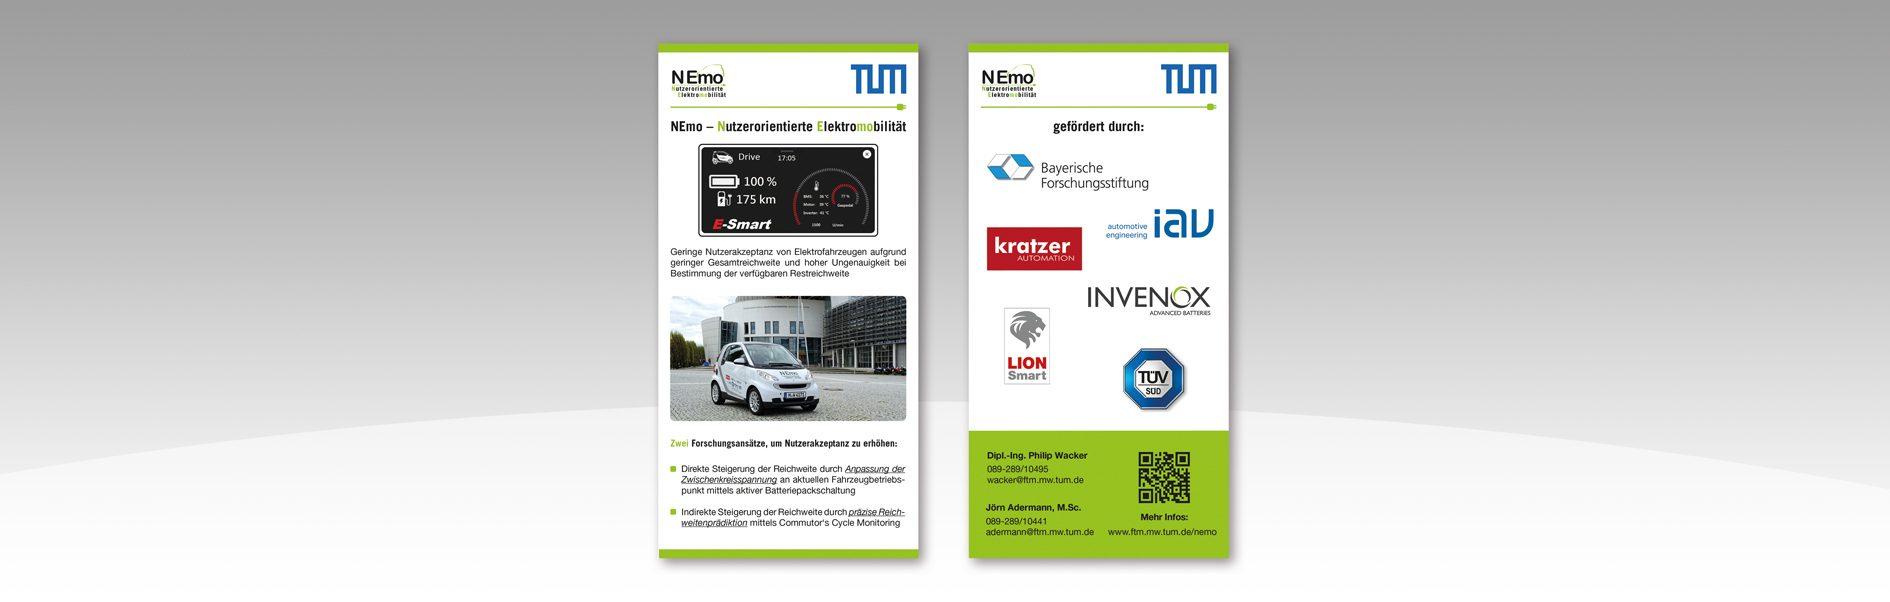 Hier ist der NEmo Flyer der TU München zu sehen.